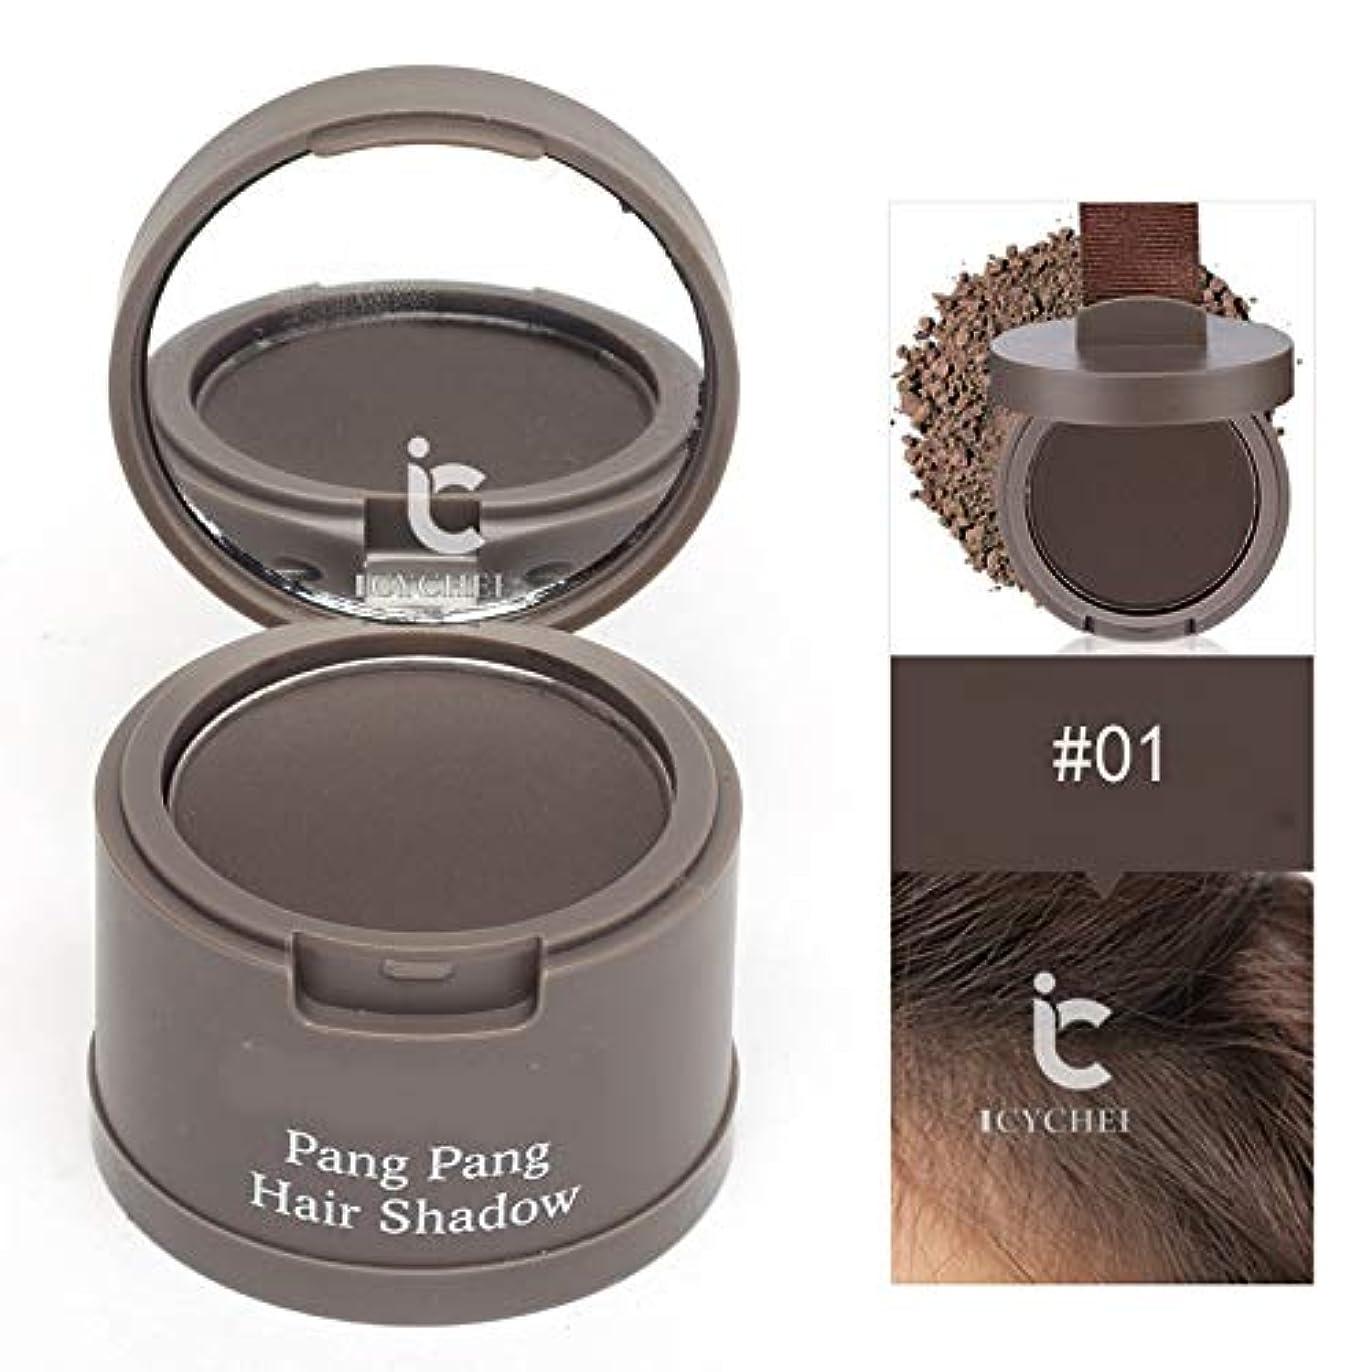 ブリードキャップメンダシティ髪のためのヘアラインシャドウパウダー髪のシェーダレタッチルーツと髪パーフェクトカバレッジをラスティングICYCHEER防水ロング (01)